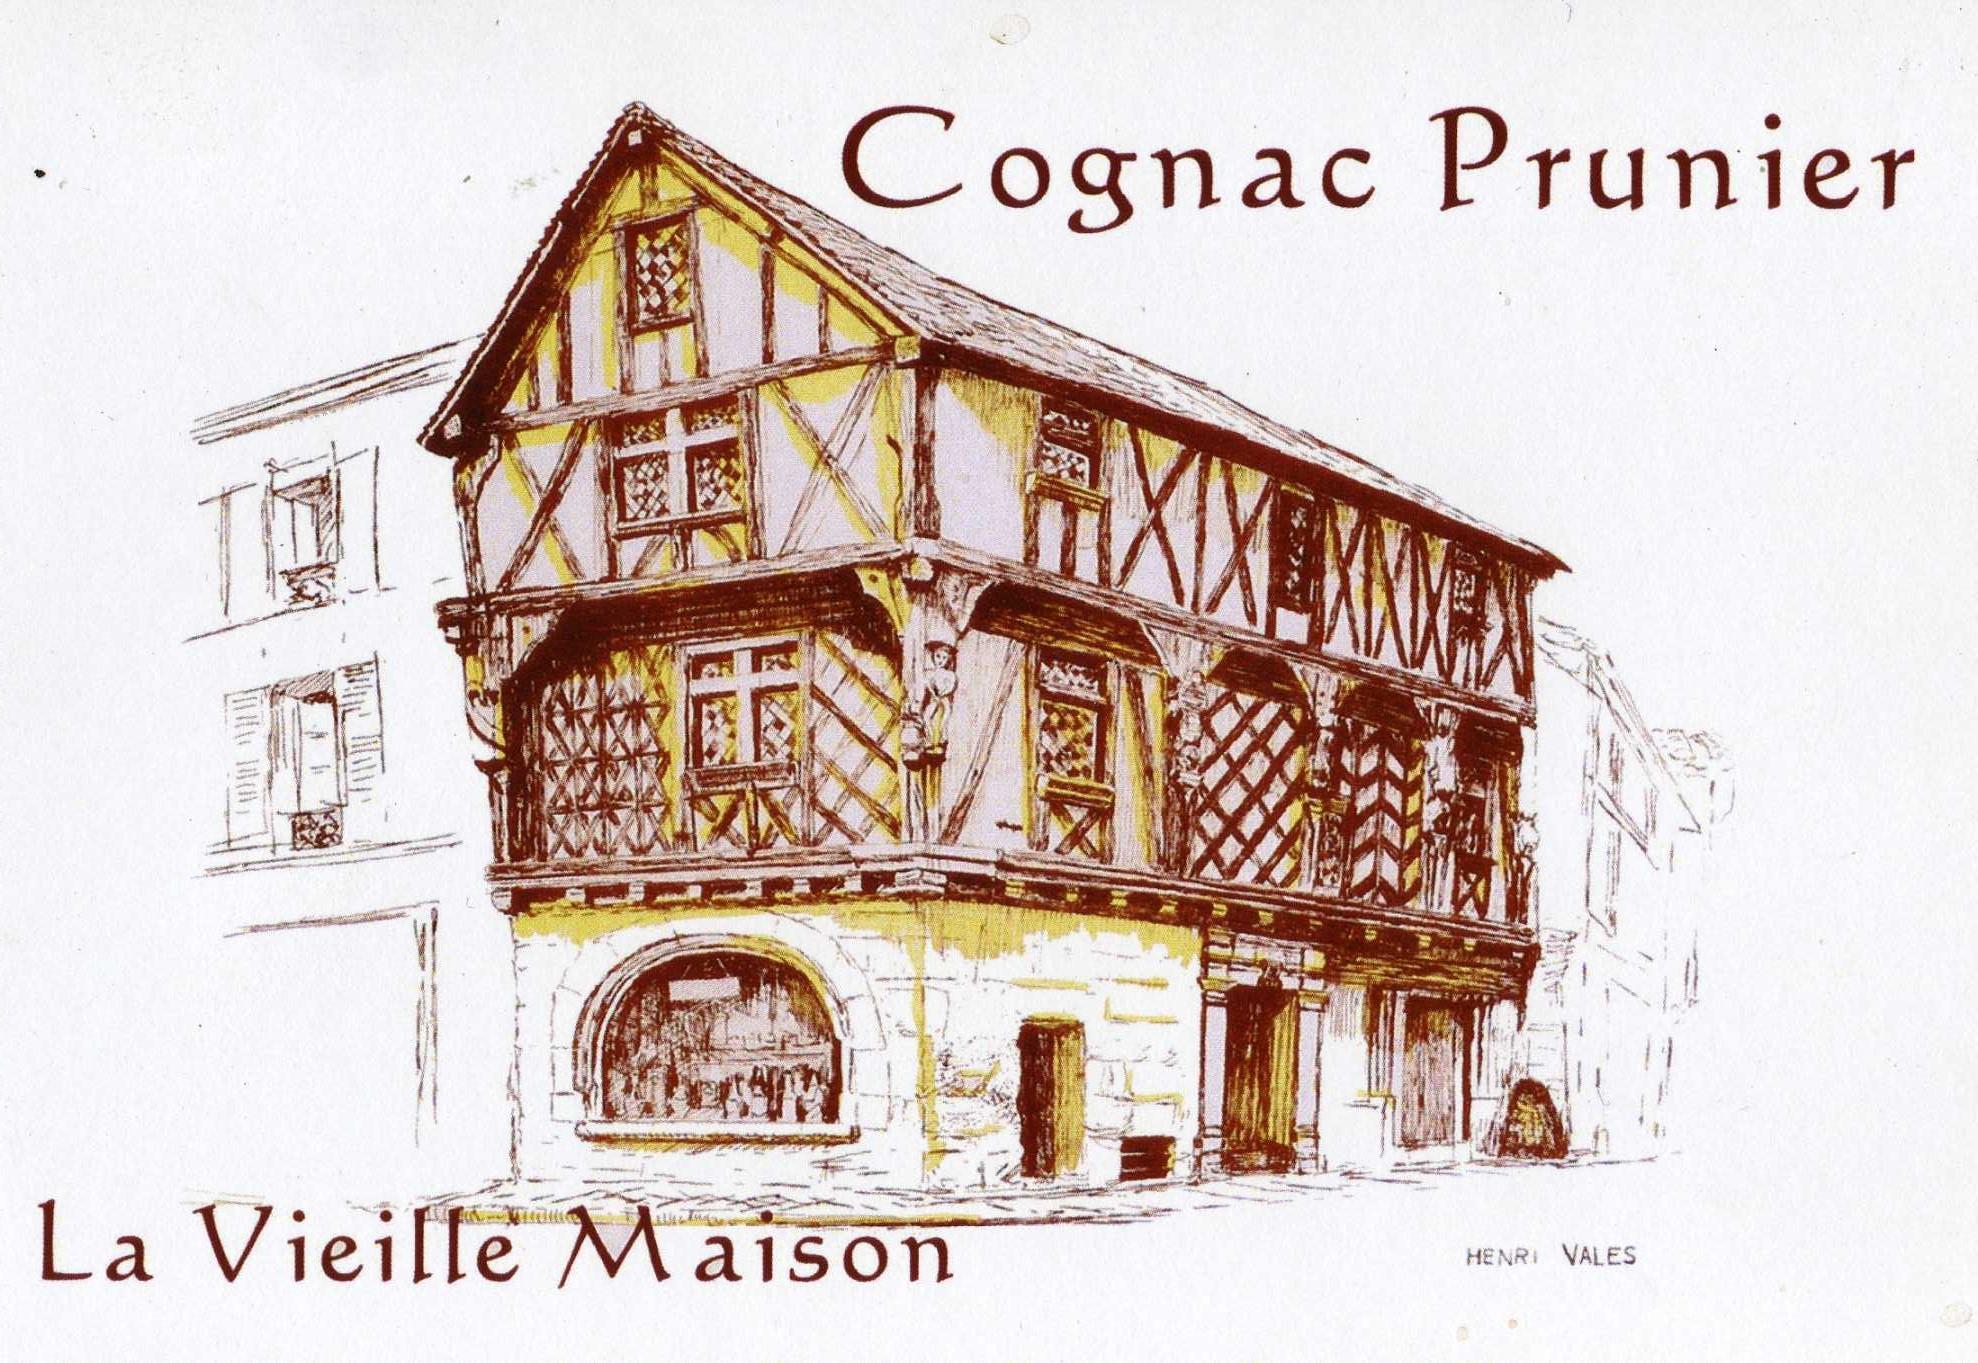 Cognac Prunier001